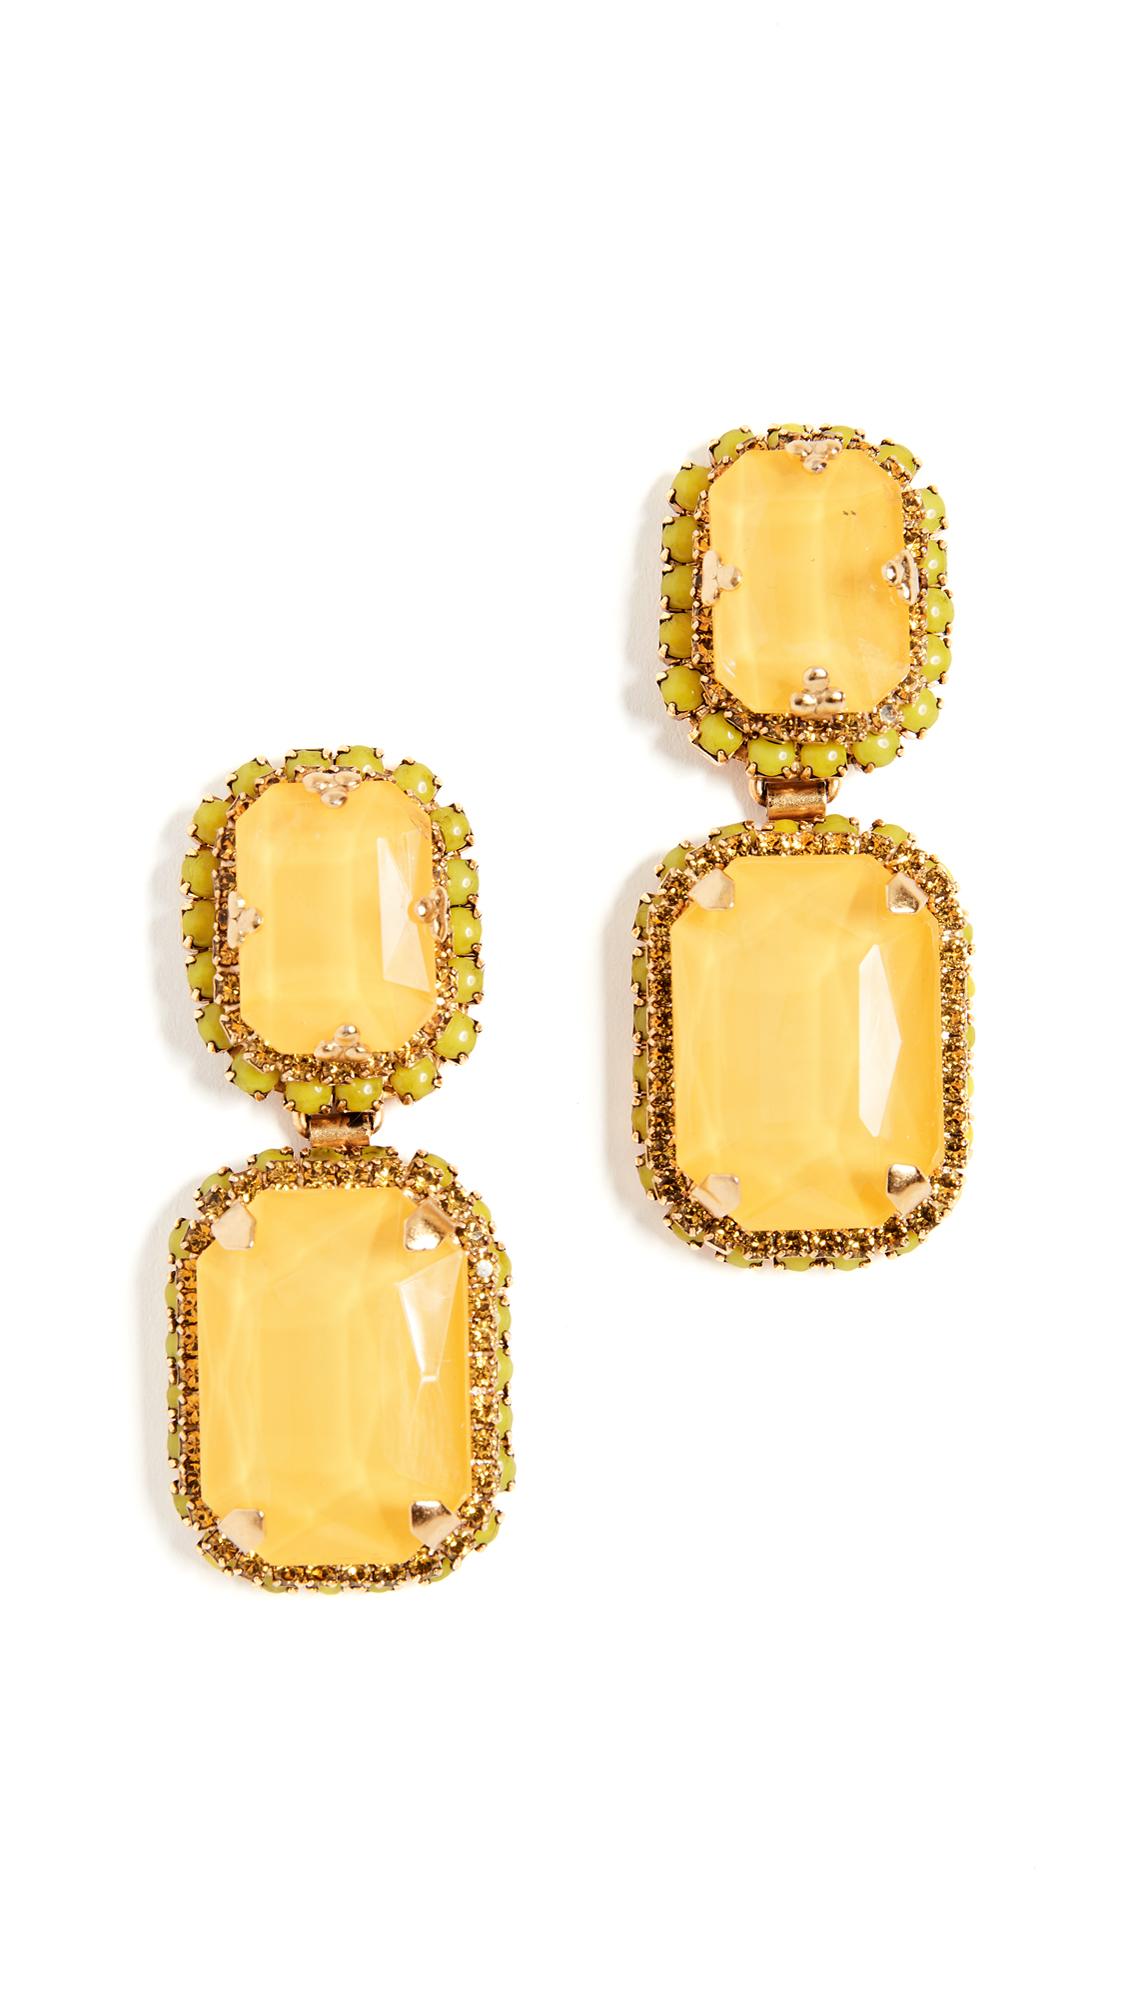 Elizabeth Cole Zelig Earrings